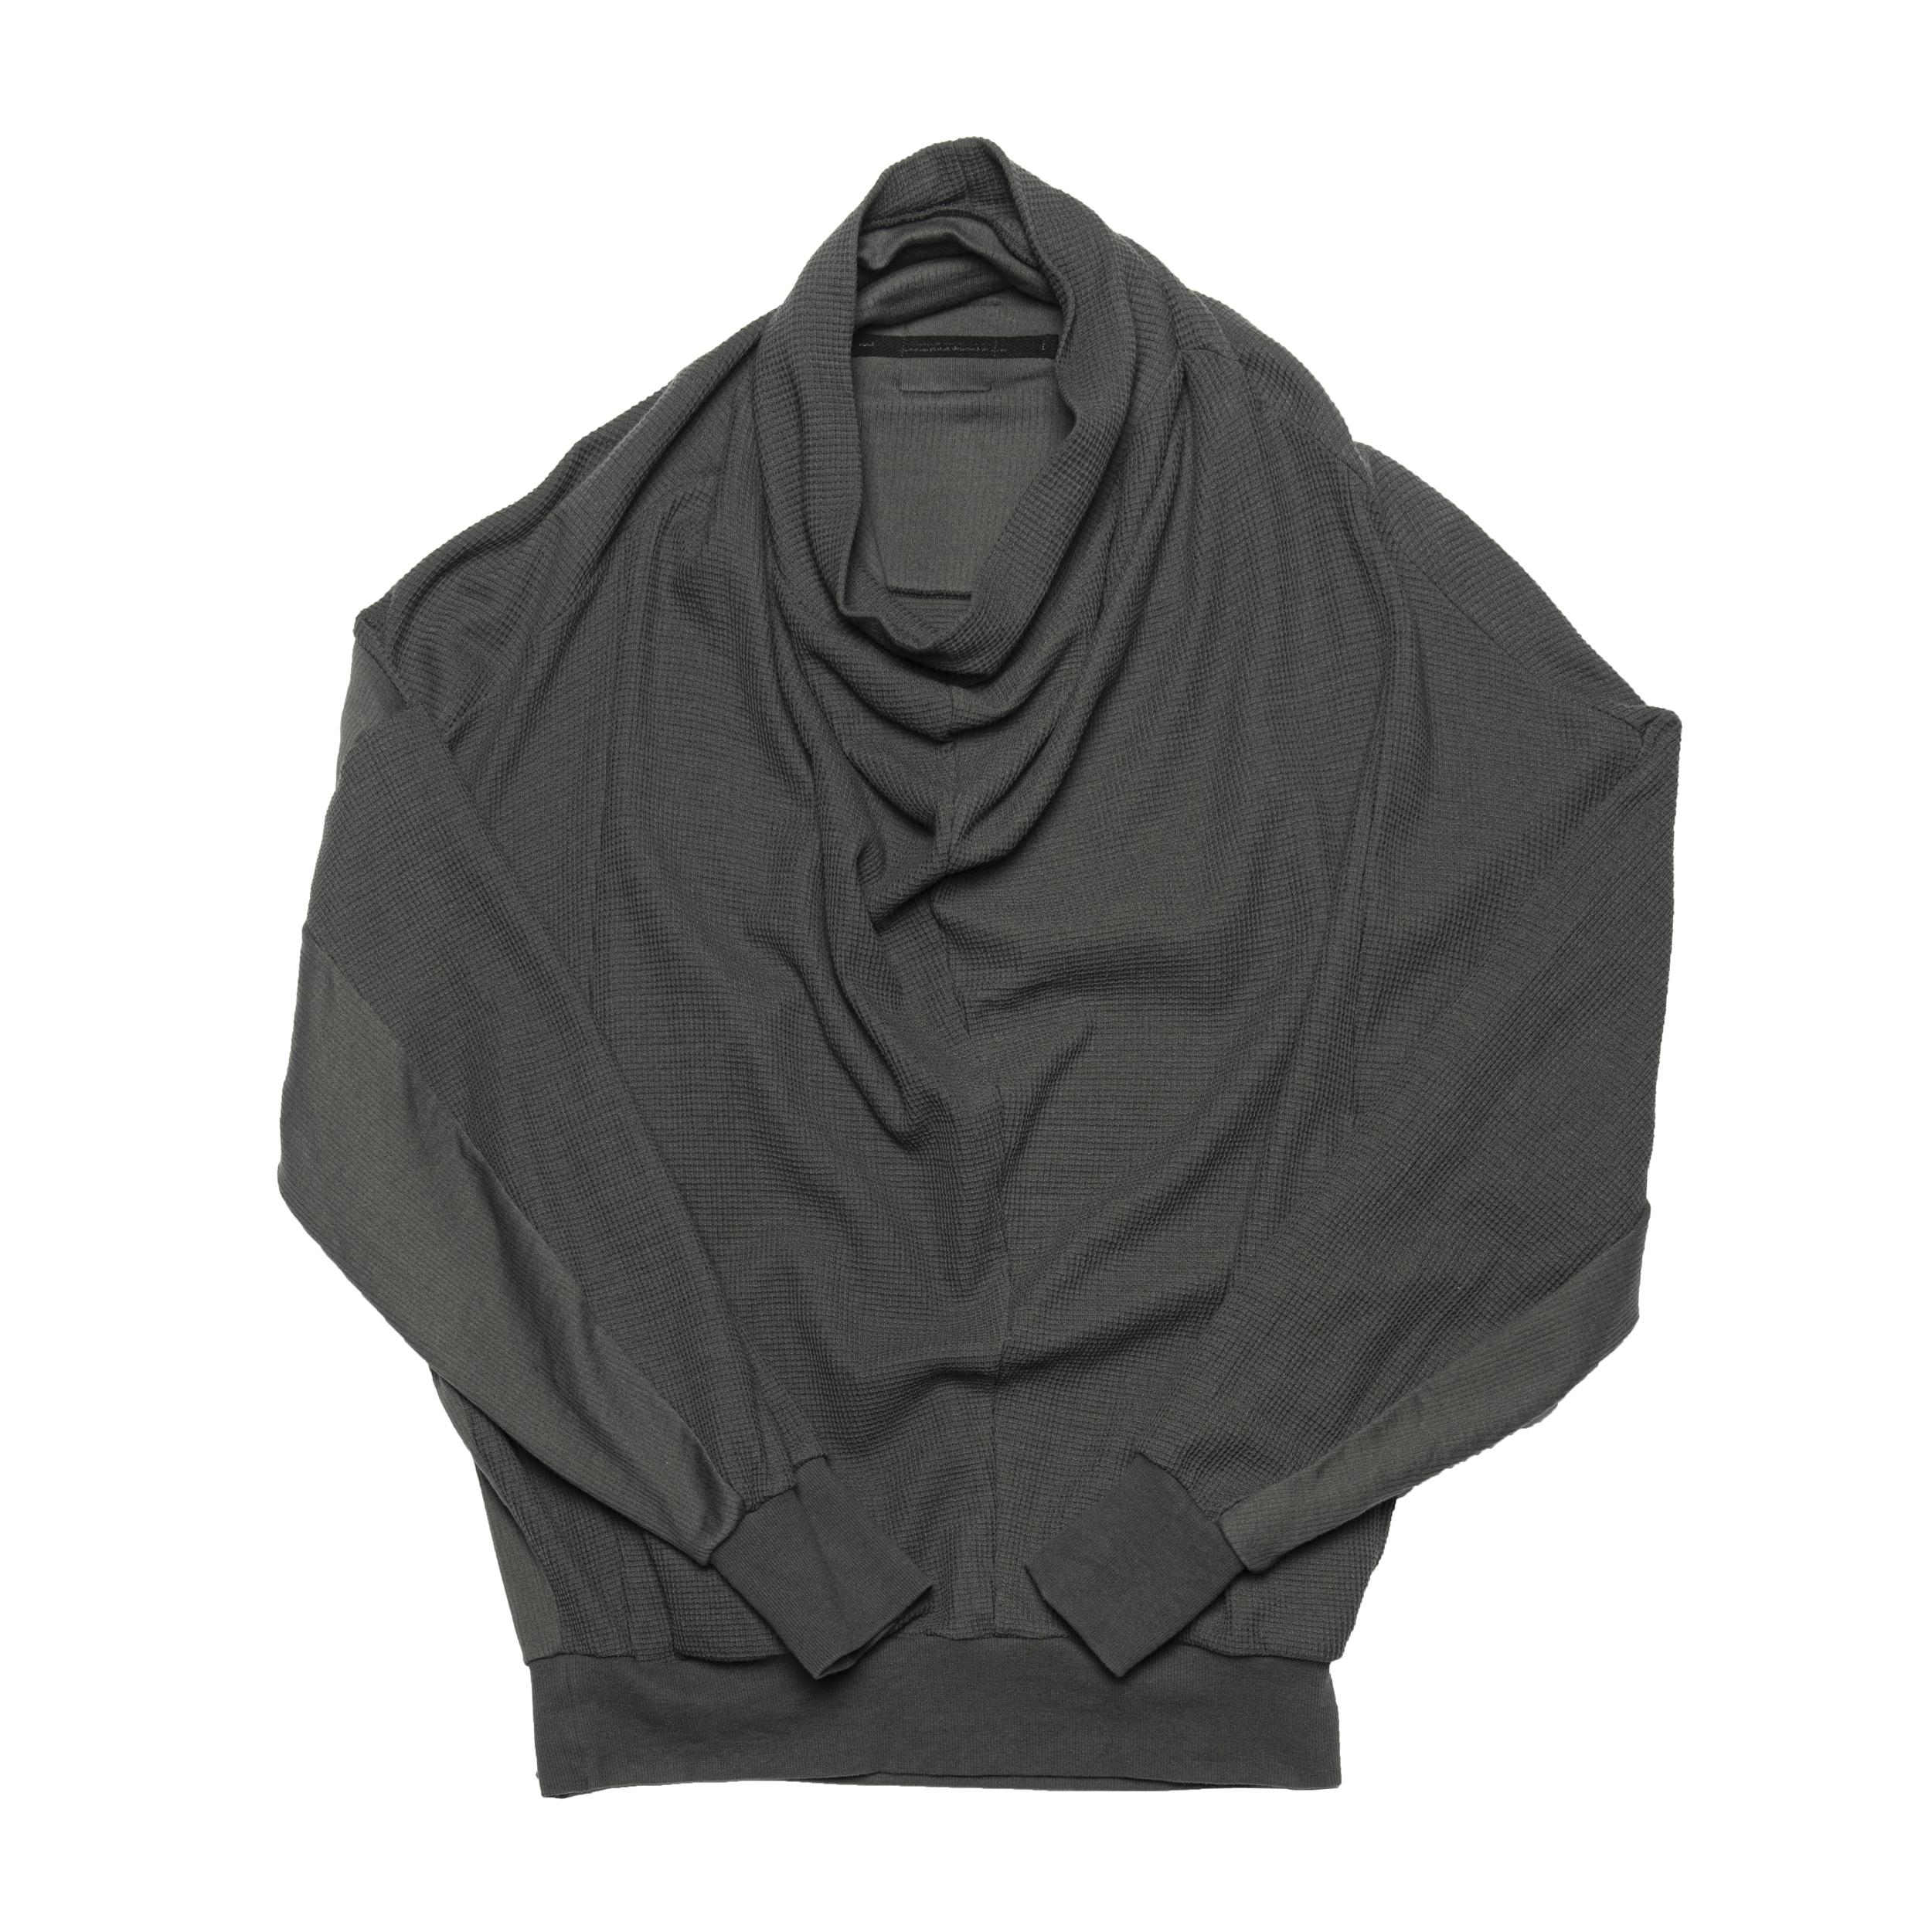 687CUM8-MUD KHAKI / 2 FACE カウルネックシャツ